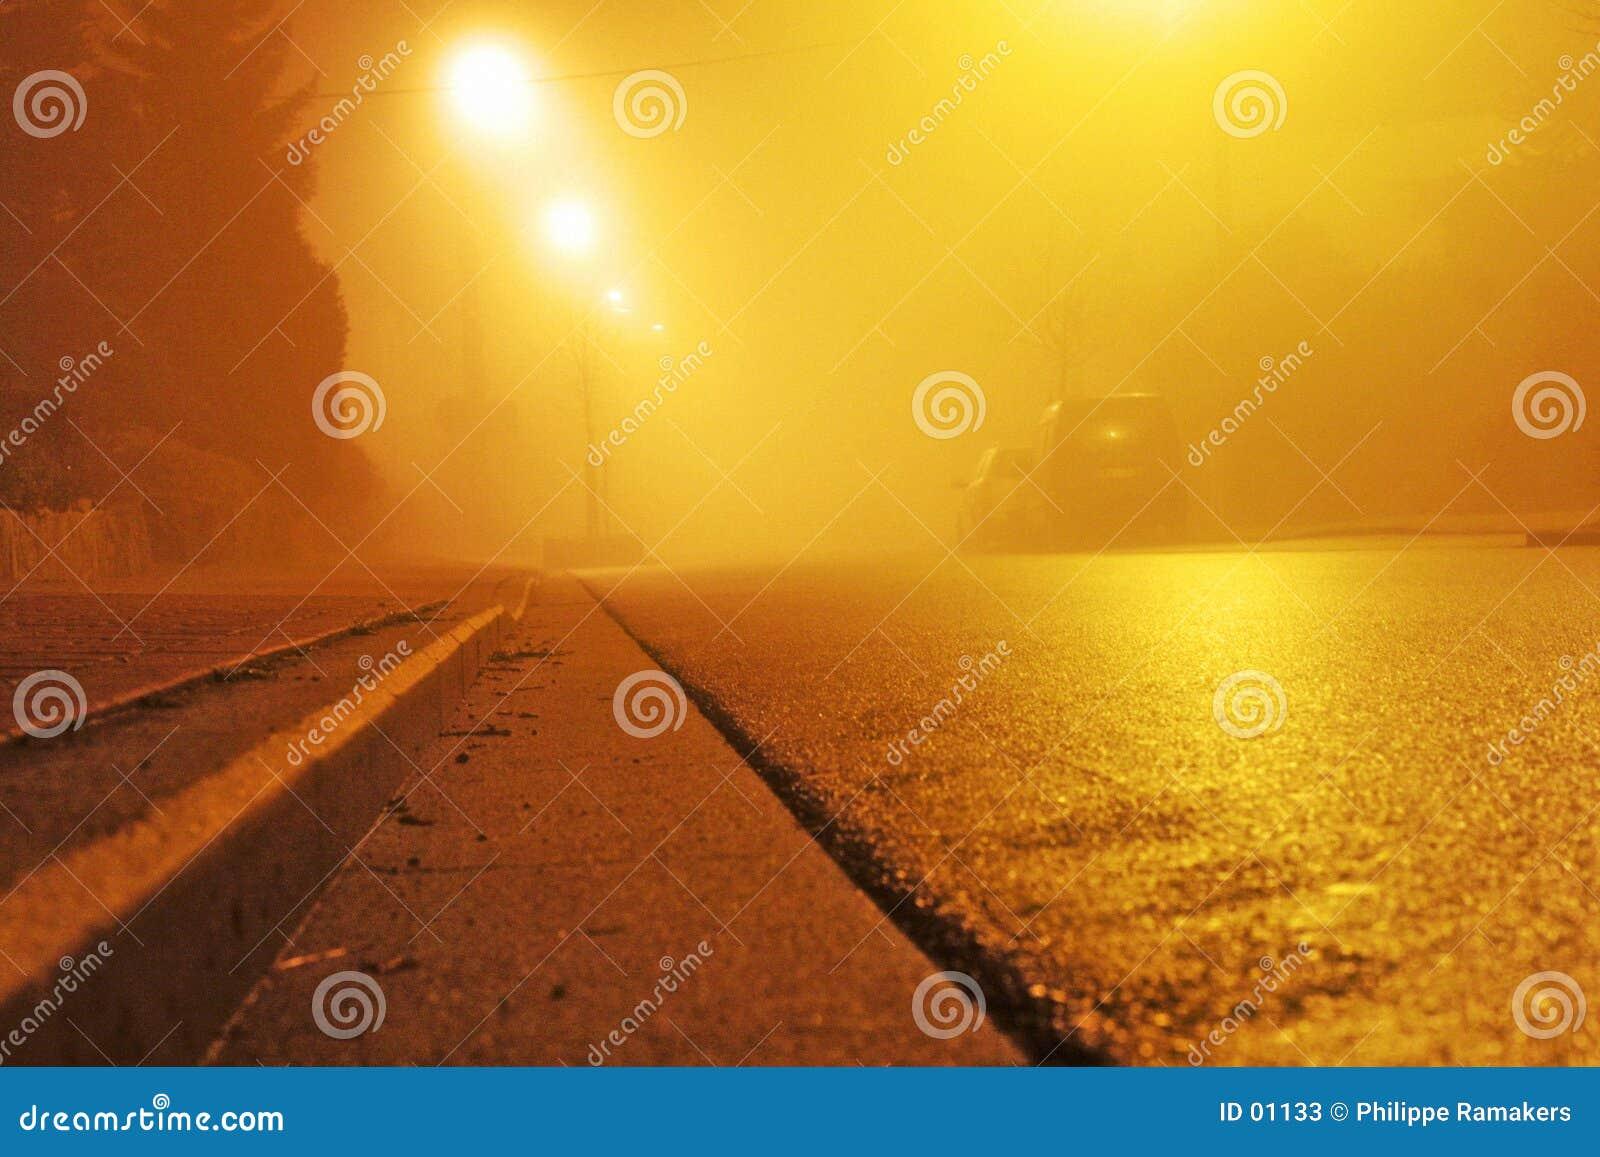 Straße nachts